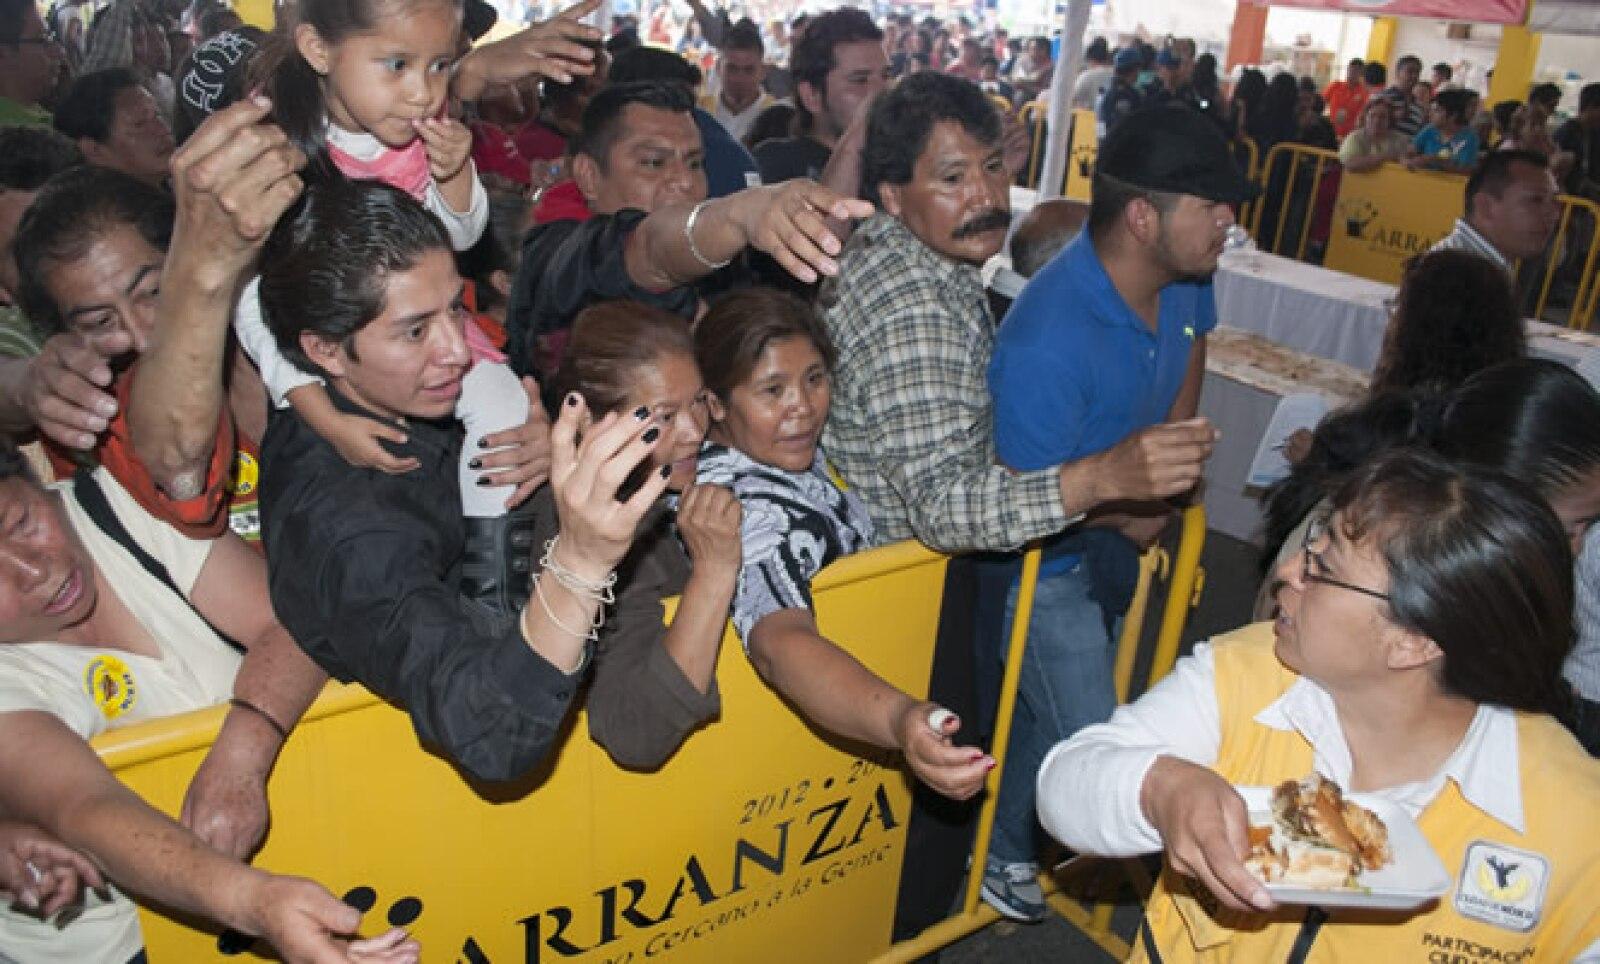 Además de probar las variedades de tortas los asistentes podrán bailar al ritmo de la Sonora Dinamita que amenizará junto con otros grupos el evento culinario.